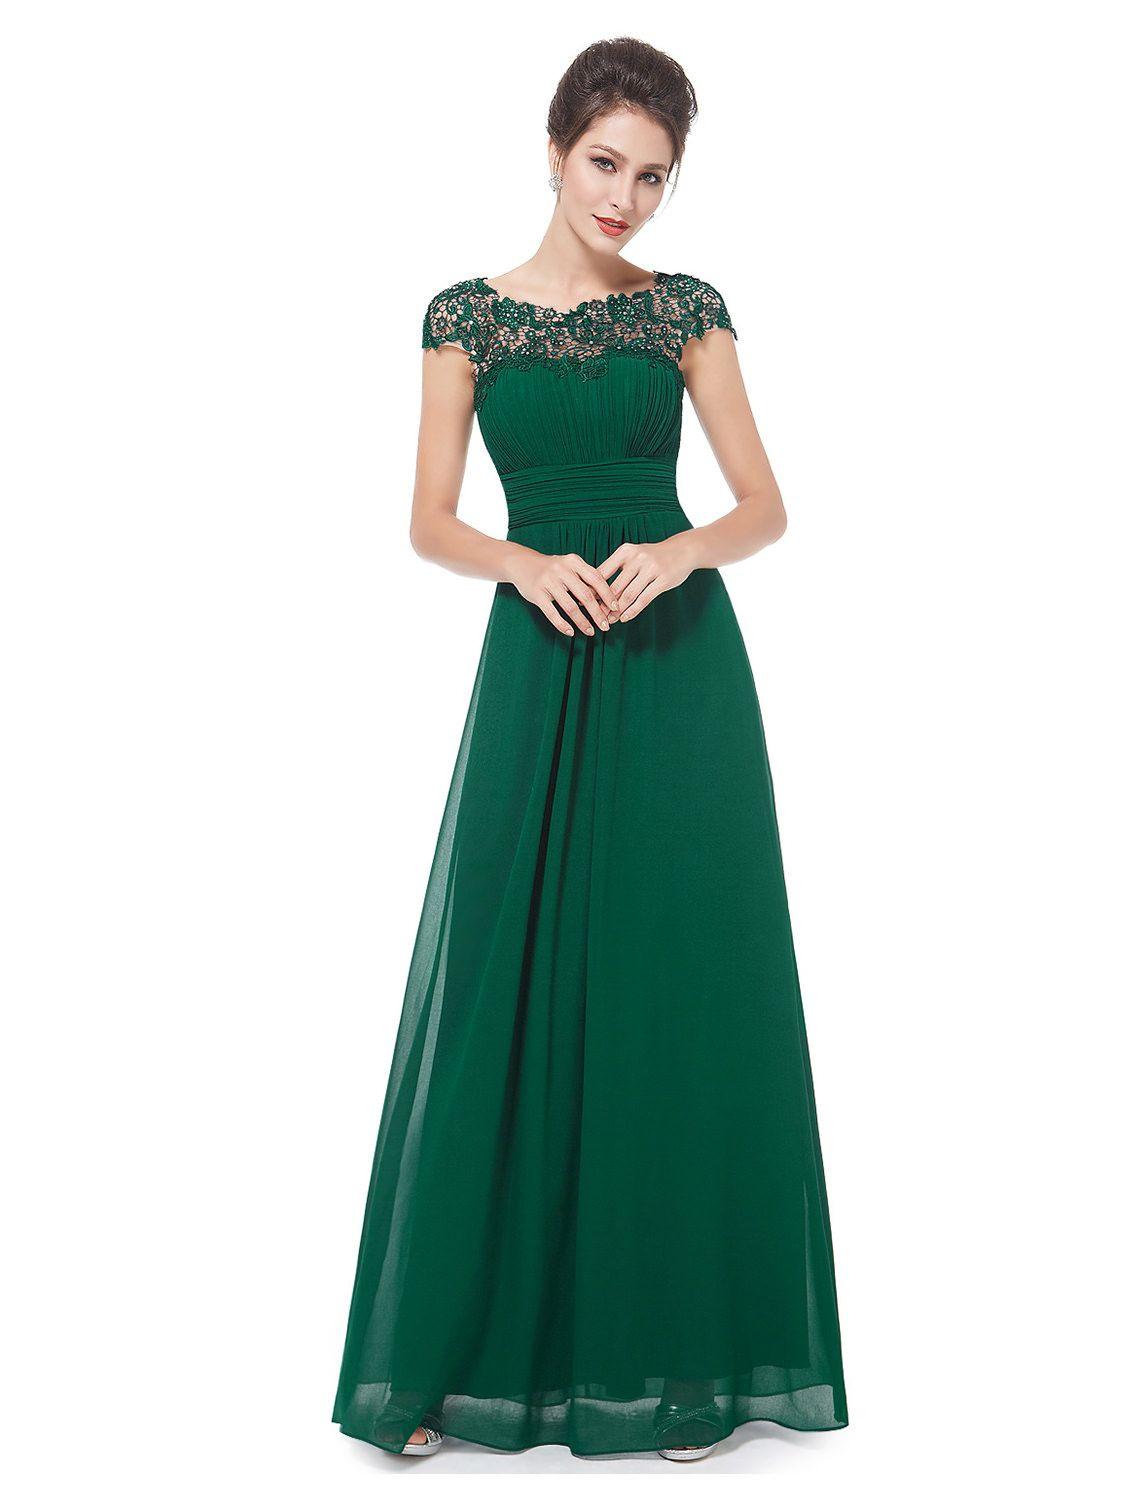 Formal Schön Kleid Festlich Grün DesignFormal Schön Kleid Festlich Grün Ärmel